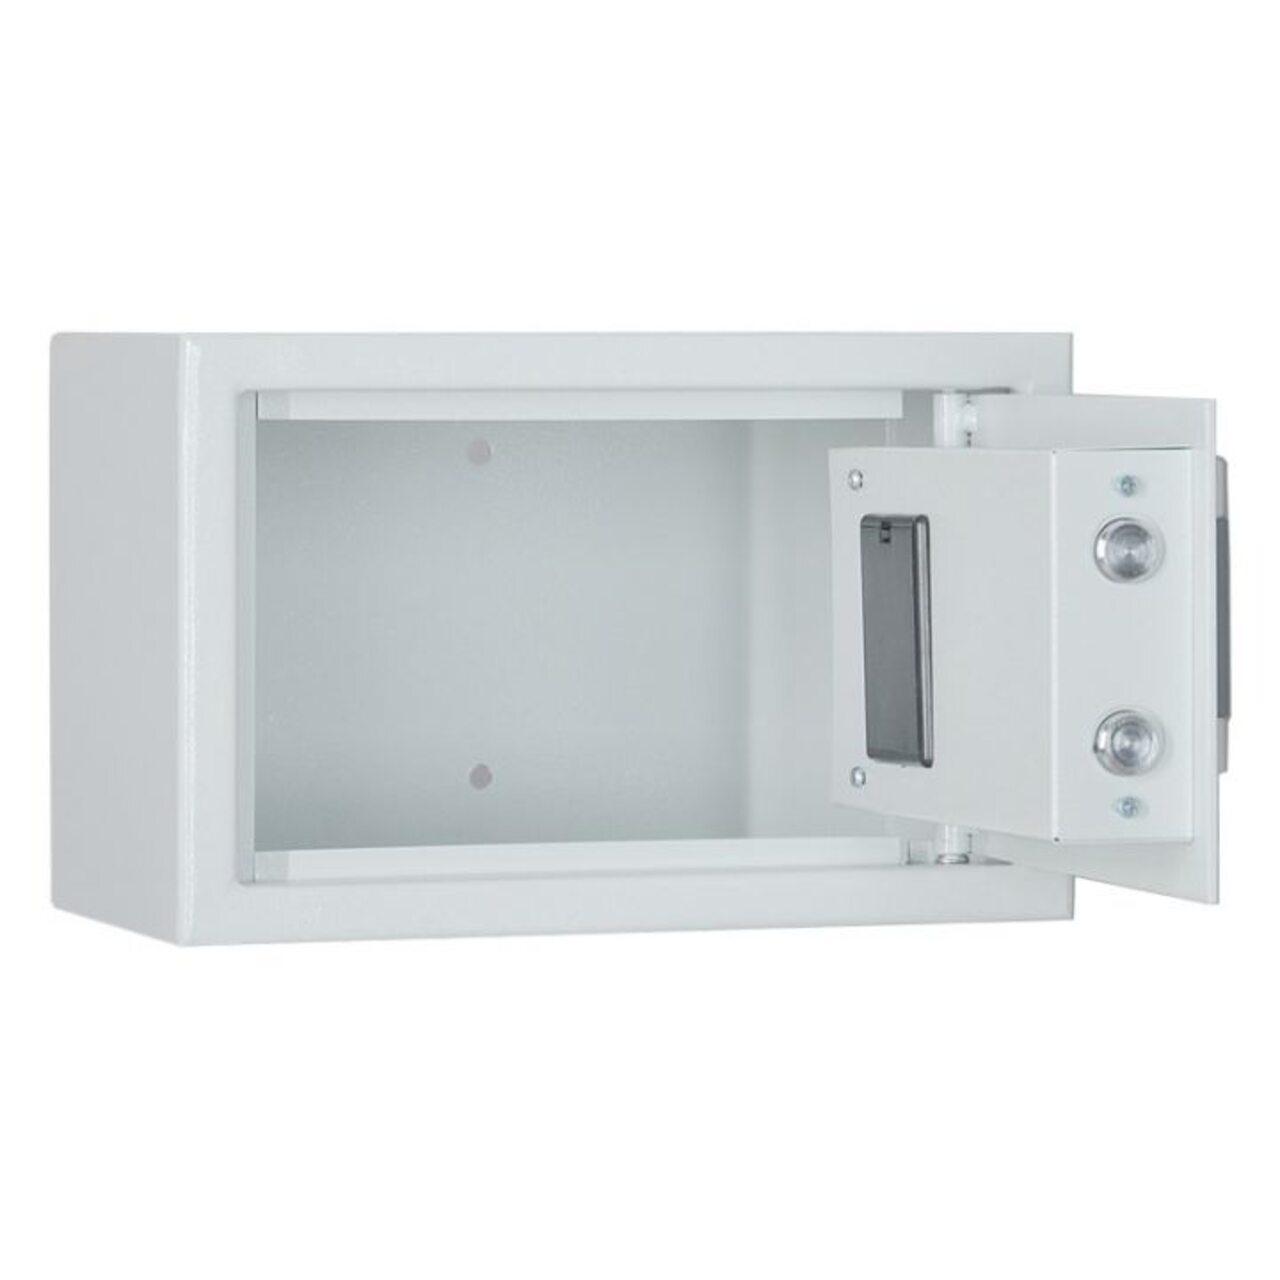 Шкаф мебельный с электронным замком ШМ-20Э - фото 2